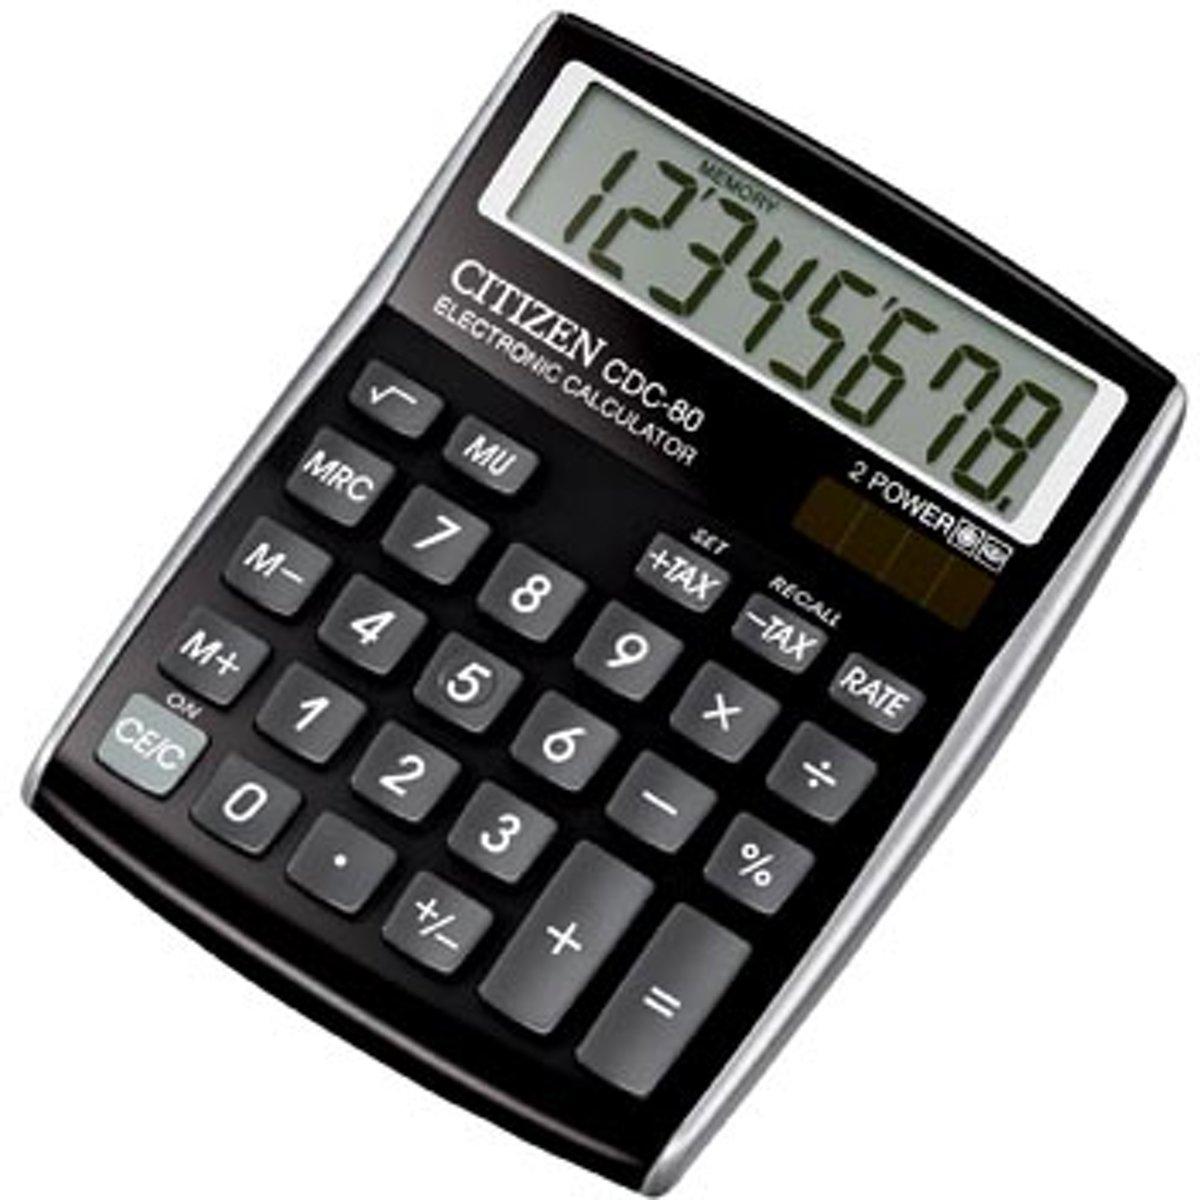 Bureaurekenmachine Twen J 1200 Zwart Aantal displayposities: 12 werkt op zonne-energie, werkt op batterijen